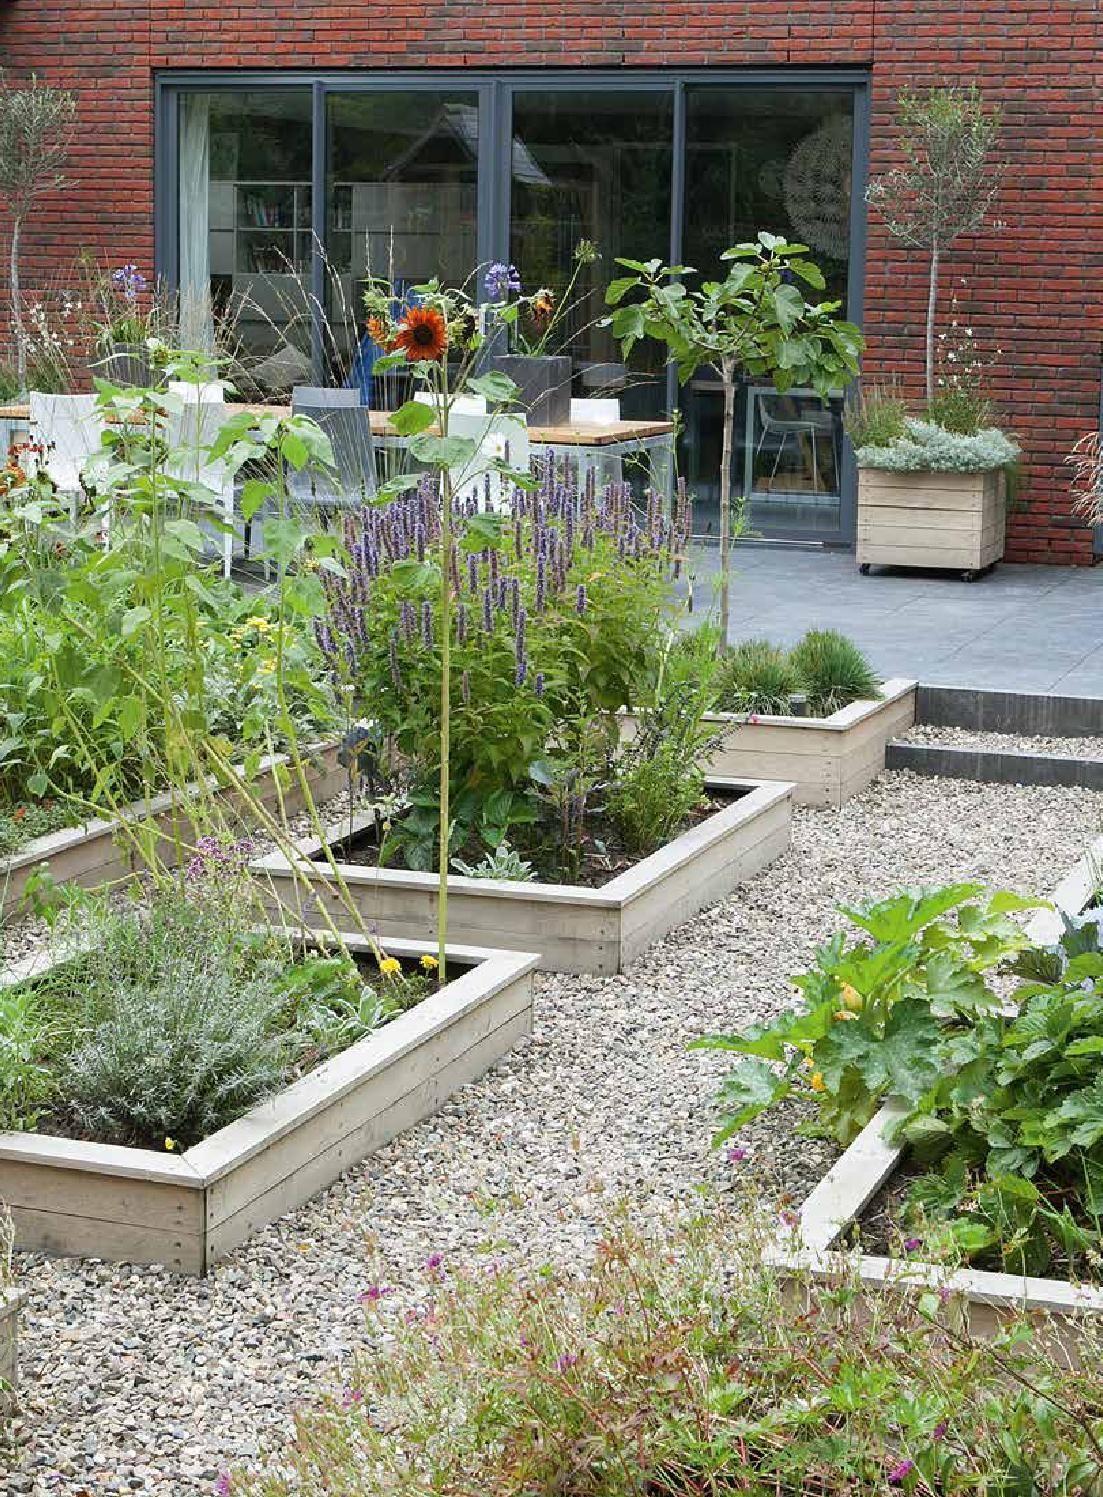 Wegner Lorey Gartengestaltung Mit Hochbeet Gartenideen Garten